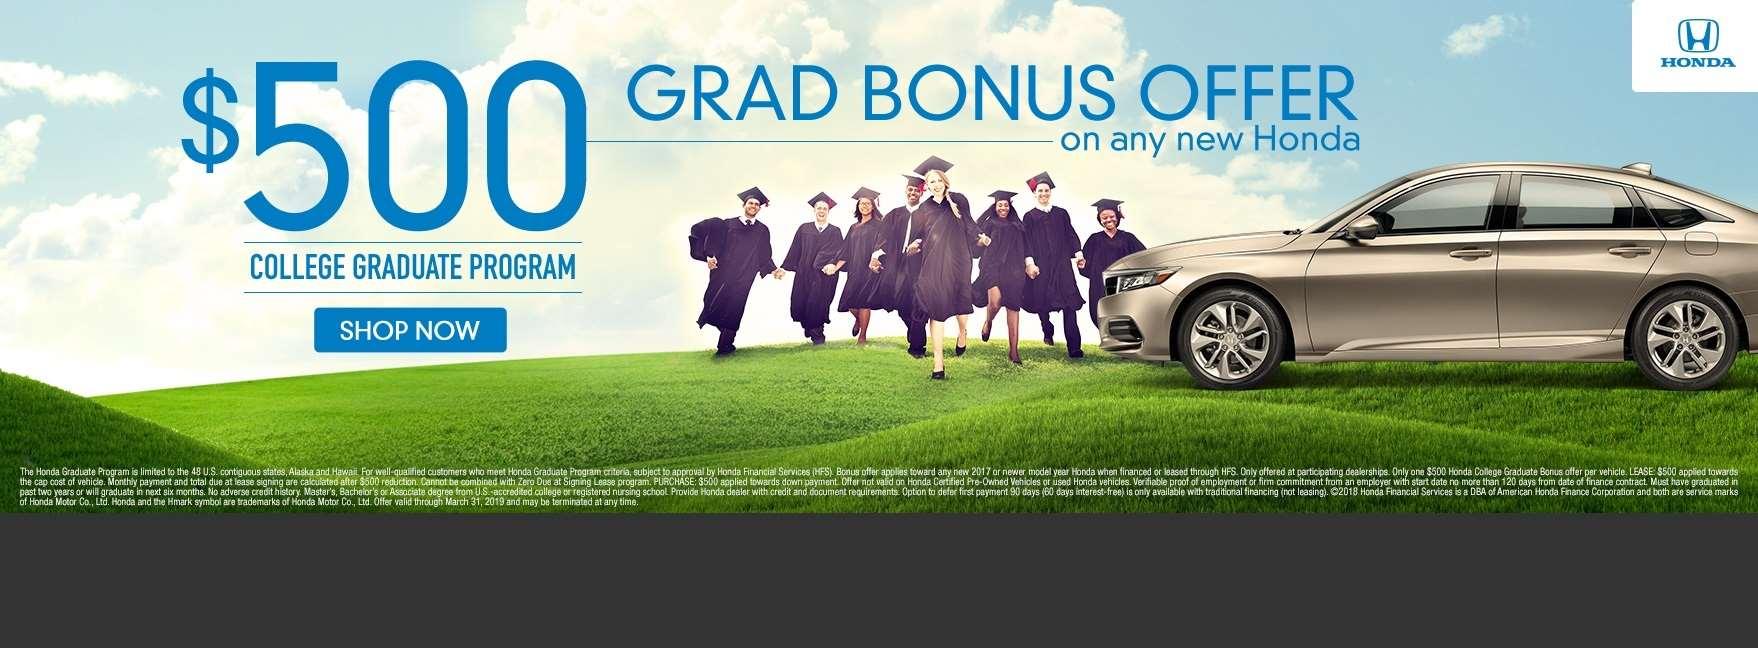 Grad Bonus